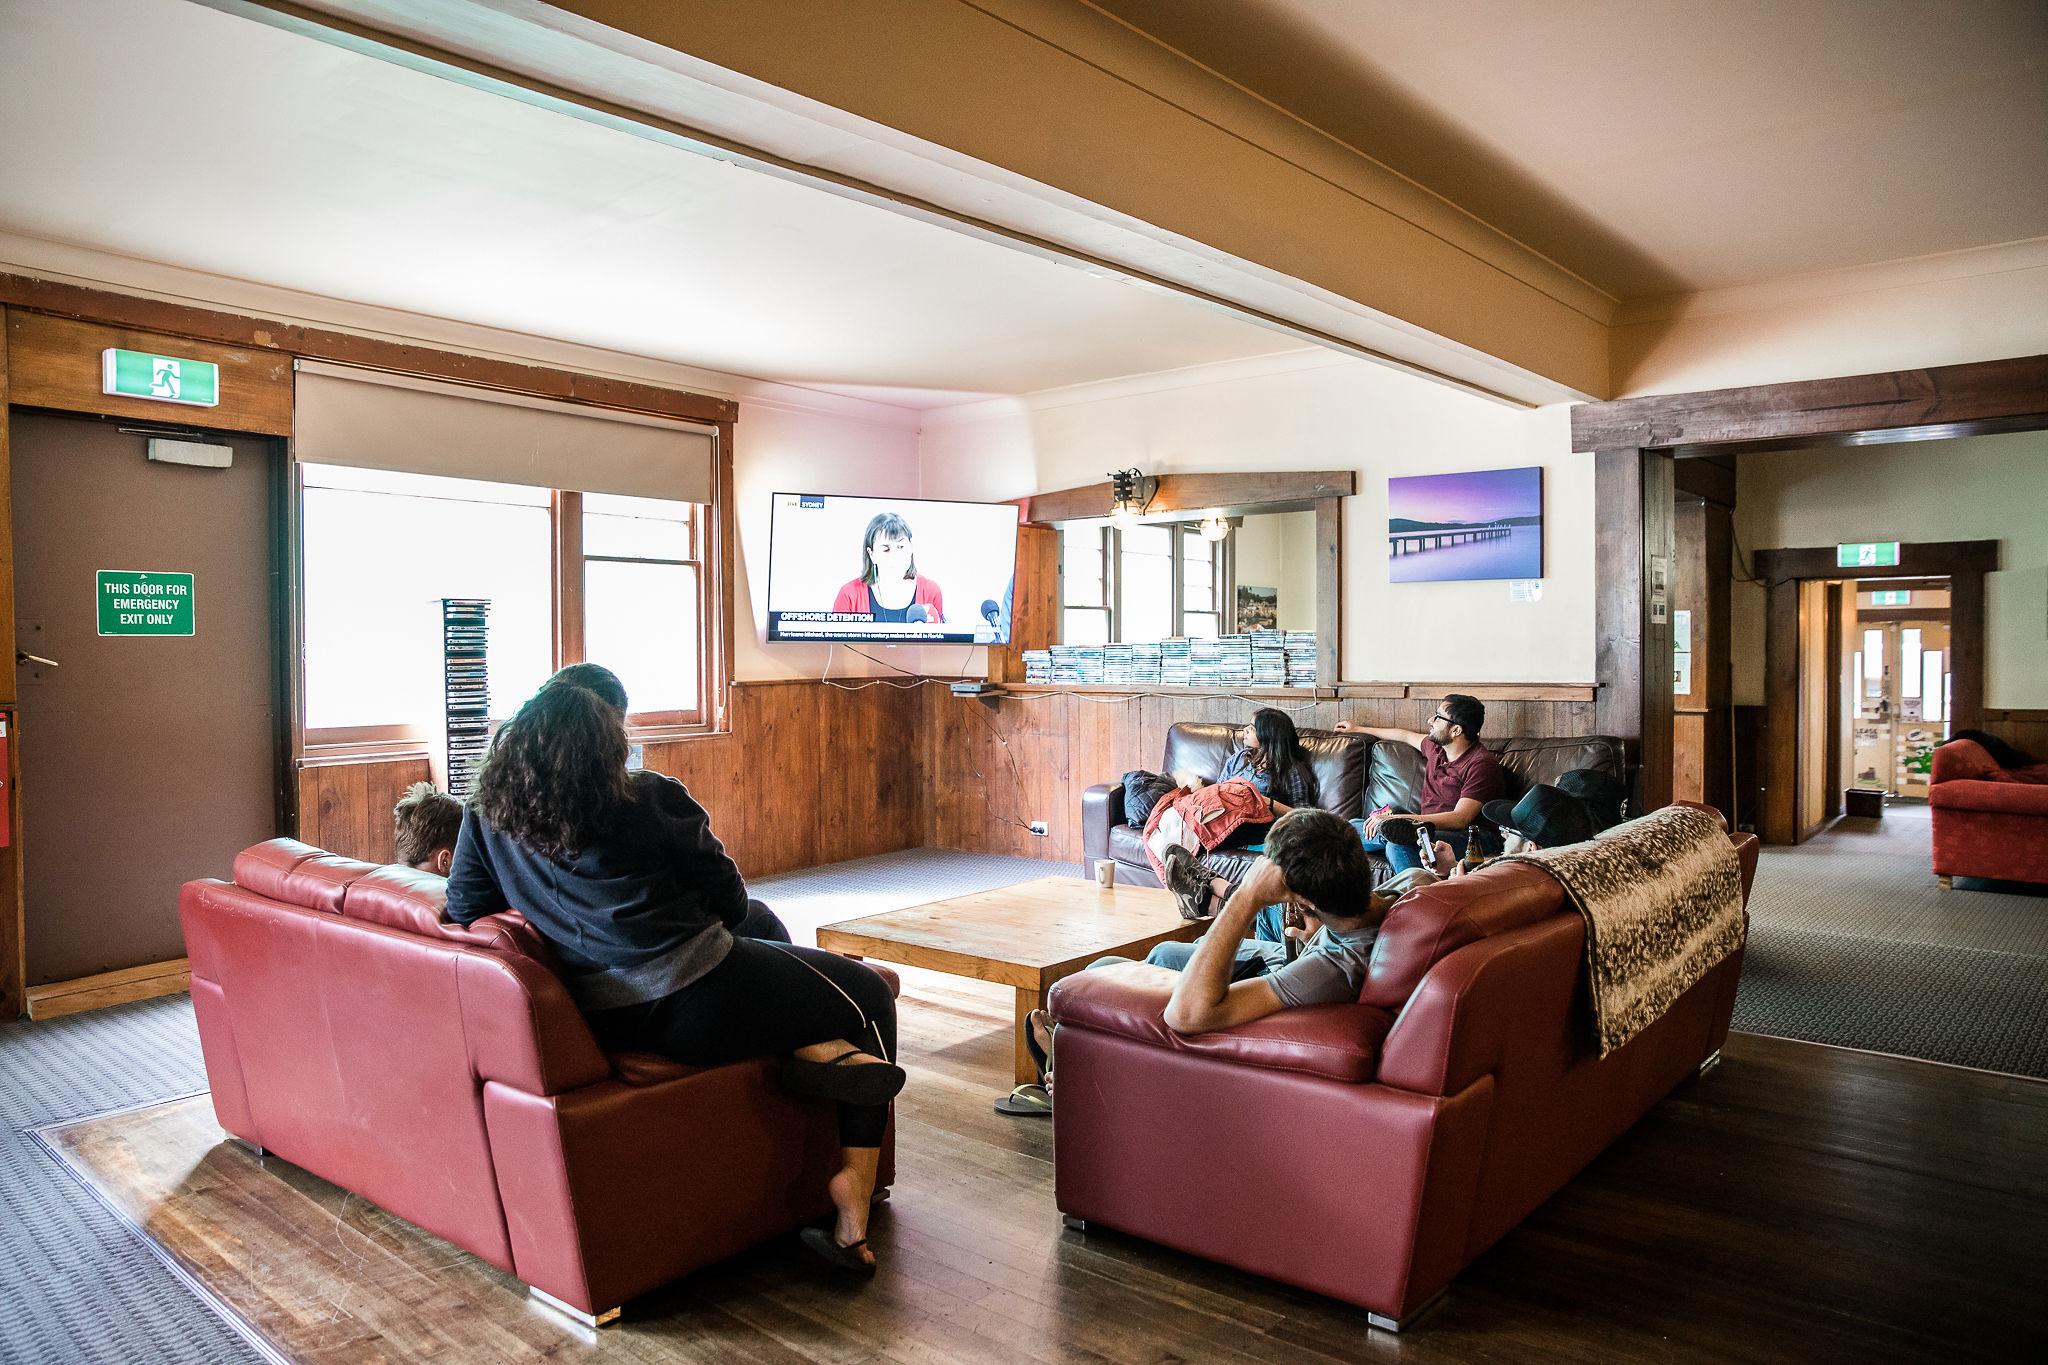 Frog Lounge with Netflix